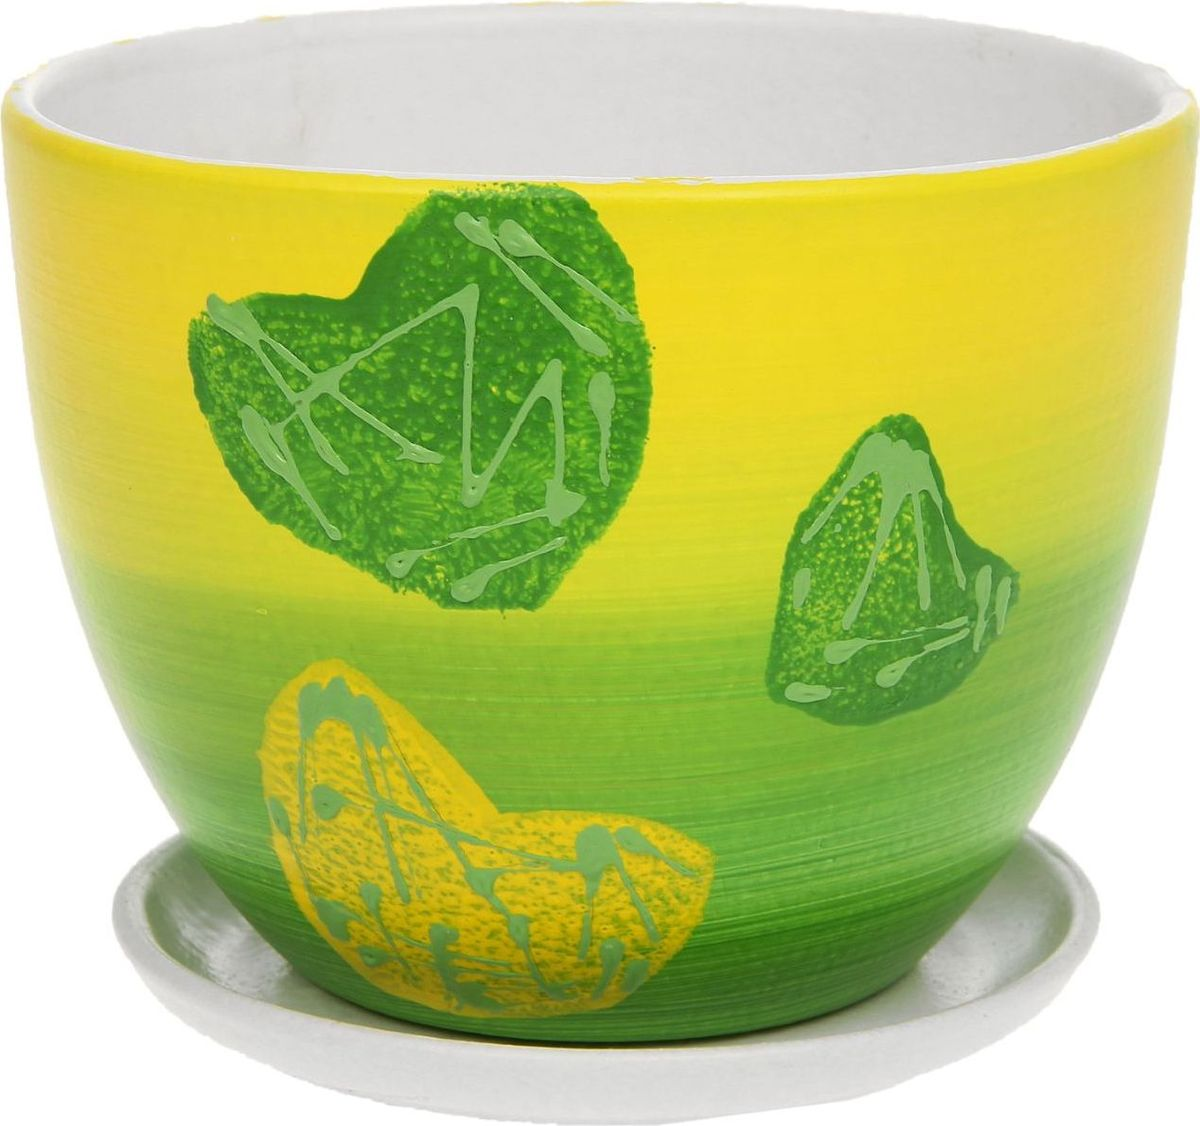 Кашпо Биколор, цвет: зеленый, 2 л1138527Комнатные растения — всеобщие любимцы. Они радуют глаз, насыщают помещение кислородом и украшают пространство. Каждому из них необходим свой удобный и красивый дом. Кашпо из керамики прекрасно подходят для высадки растений: за счёт пластичности глины и разных способов обработки существует великое множество форм и дизайновпористый материал позволяет испаряться лишней влагевоздух, необходимый для дыхания корней, проникает сквозь керамические стенки! #name# позаботится о зелёном питомце, освежит интерьер и подчеркнёт его стиль.